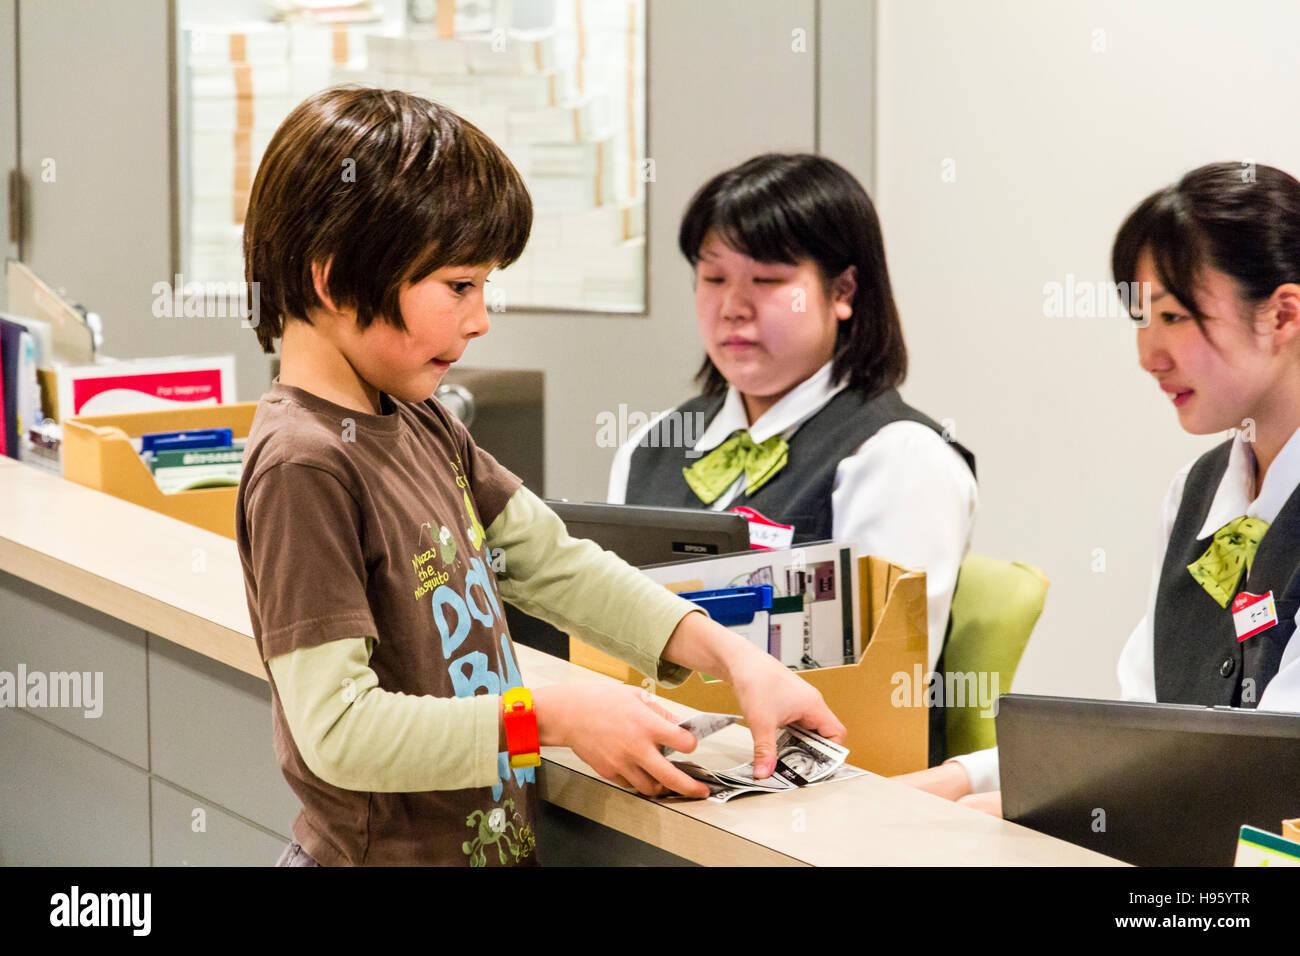 nishinomiya kidzania bank interior child drawing nishinomiya kidzania children s play world bank interior western child